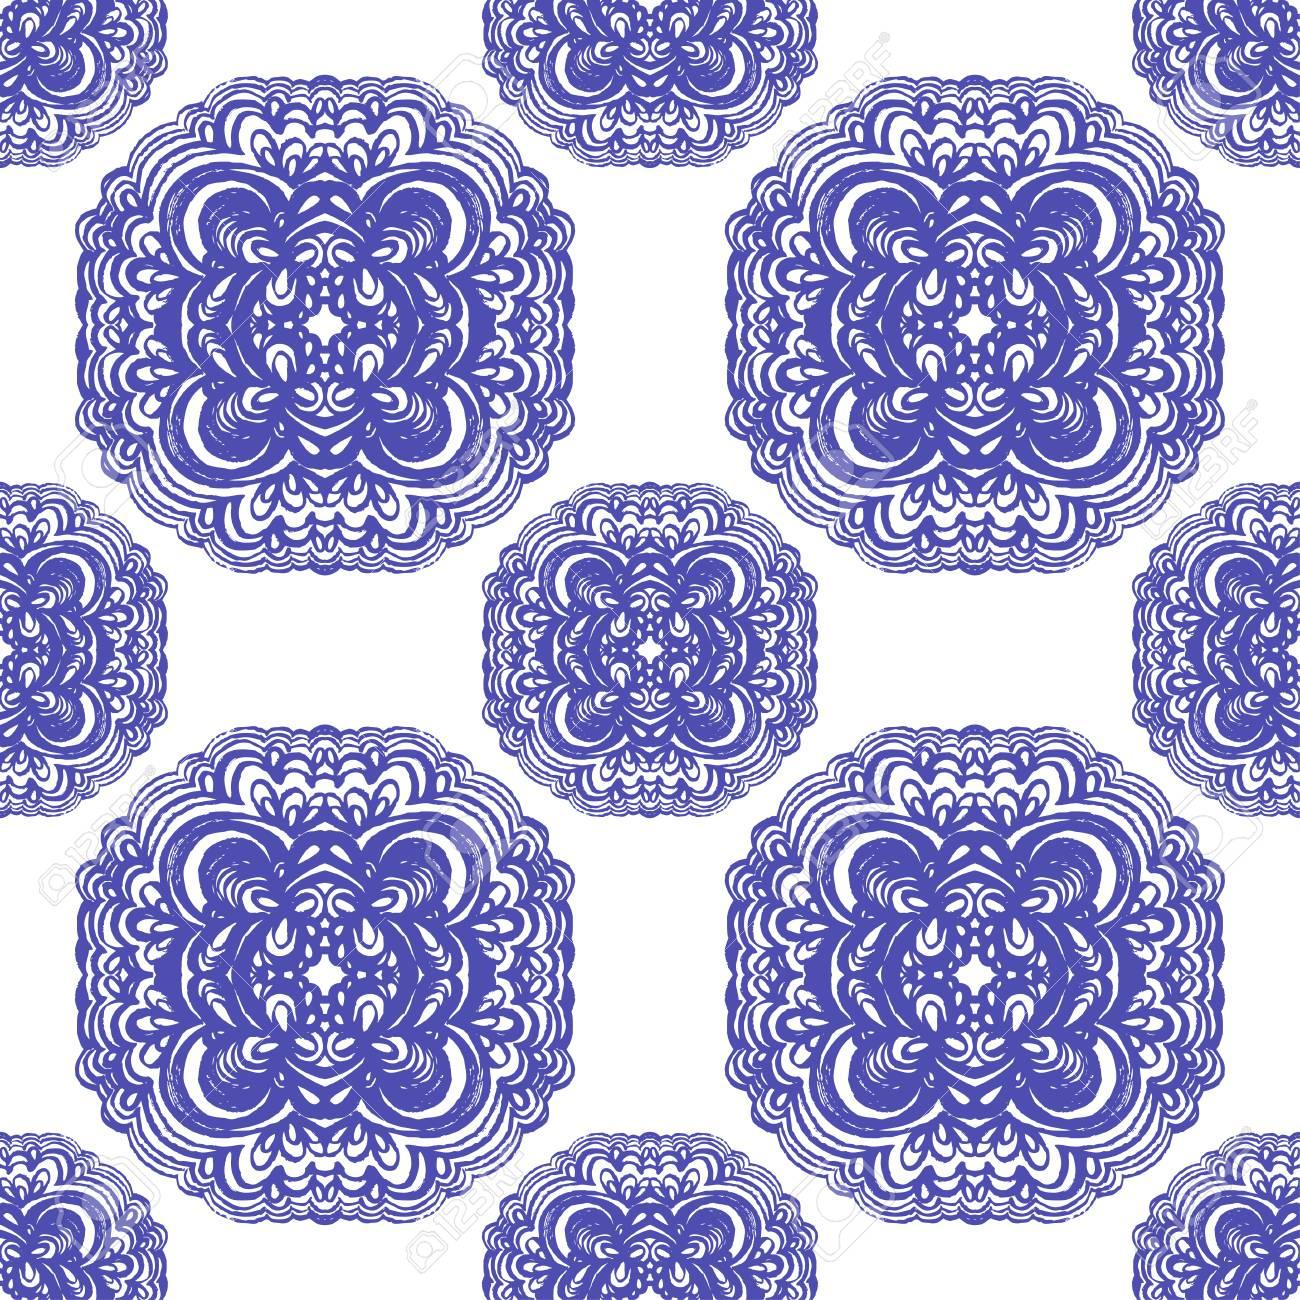 青と白の色でモロッコのタイル装飾 シームレスなパッチワークのパターン 壁紙 テキスタイル パターン塗りつぶし 別の面 Web サイトのページの背景に使用できます のイラスト素材 ベクタ Image